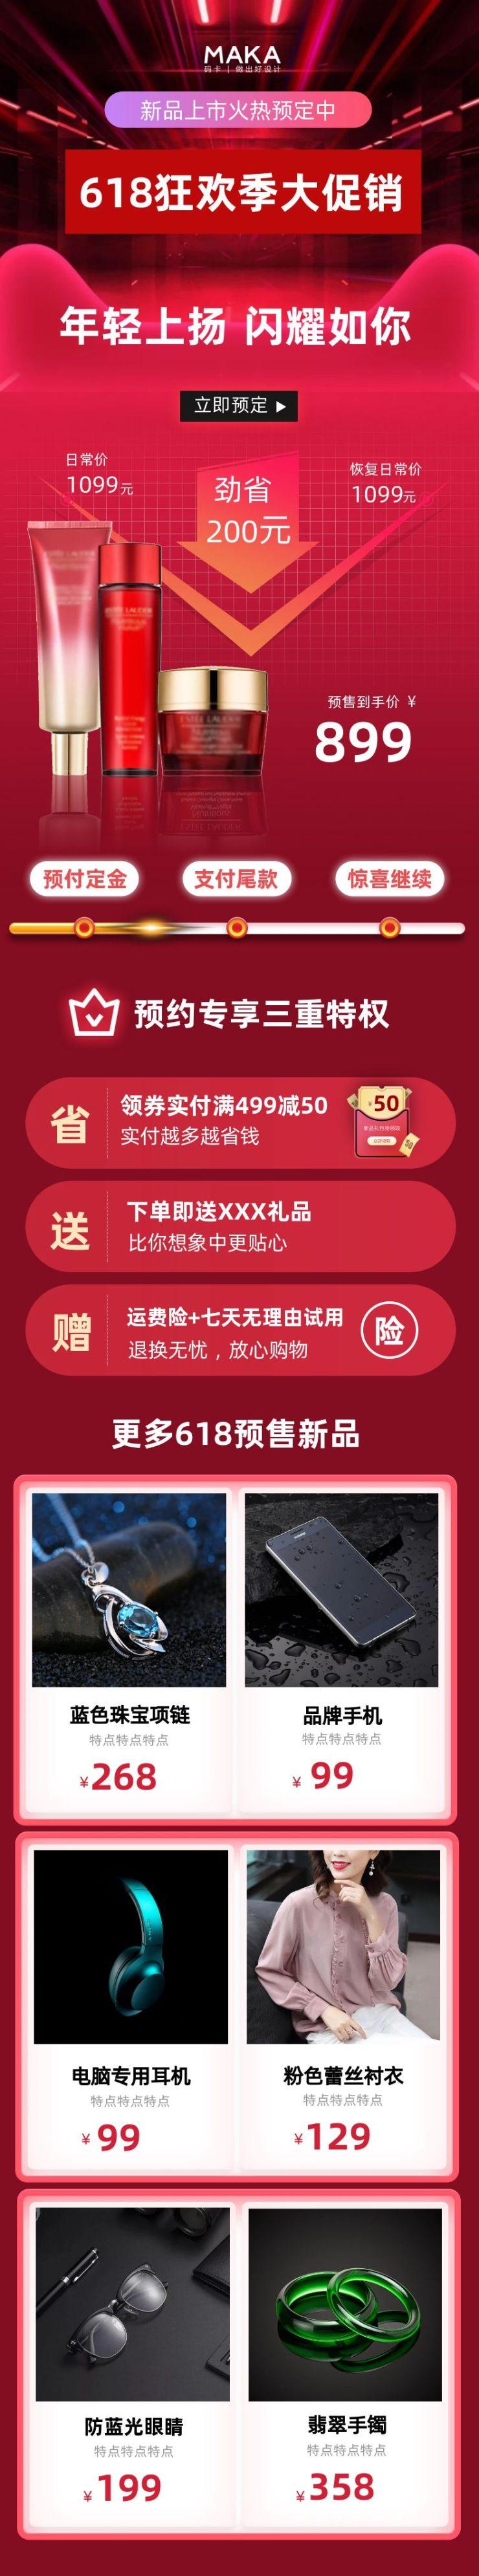 红色炫酷风产品618狂欢季促销宣传推广详情页